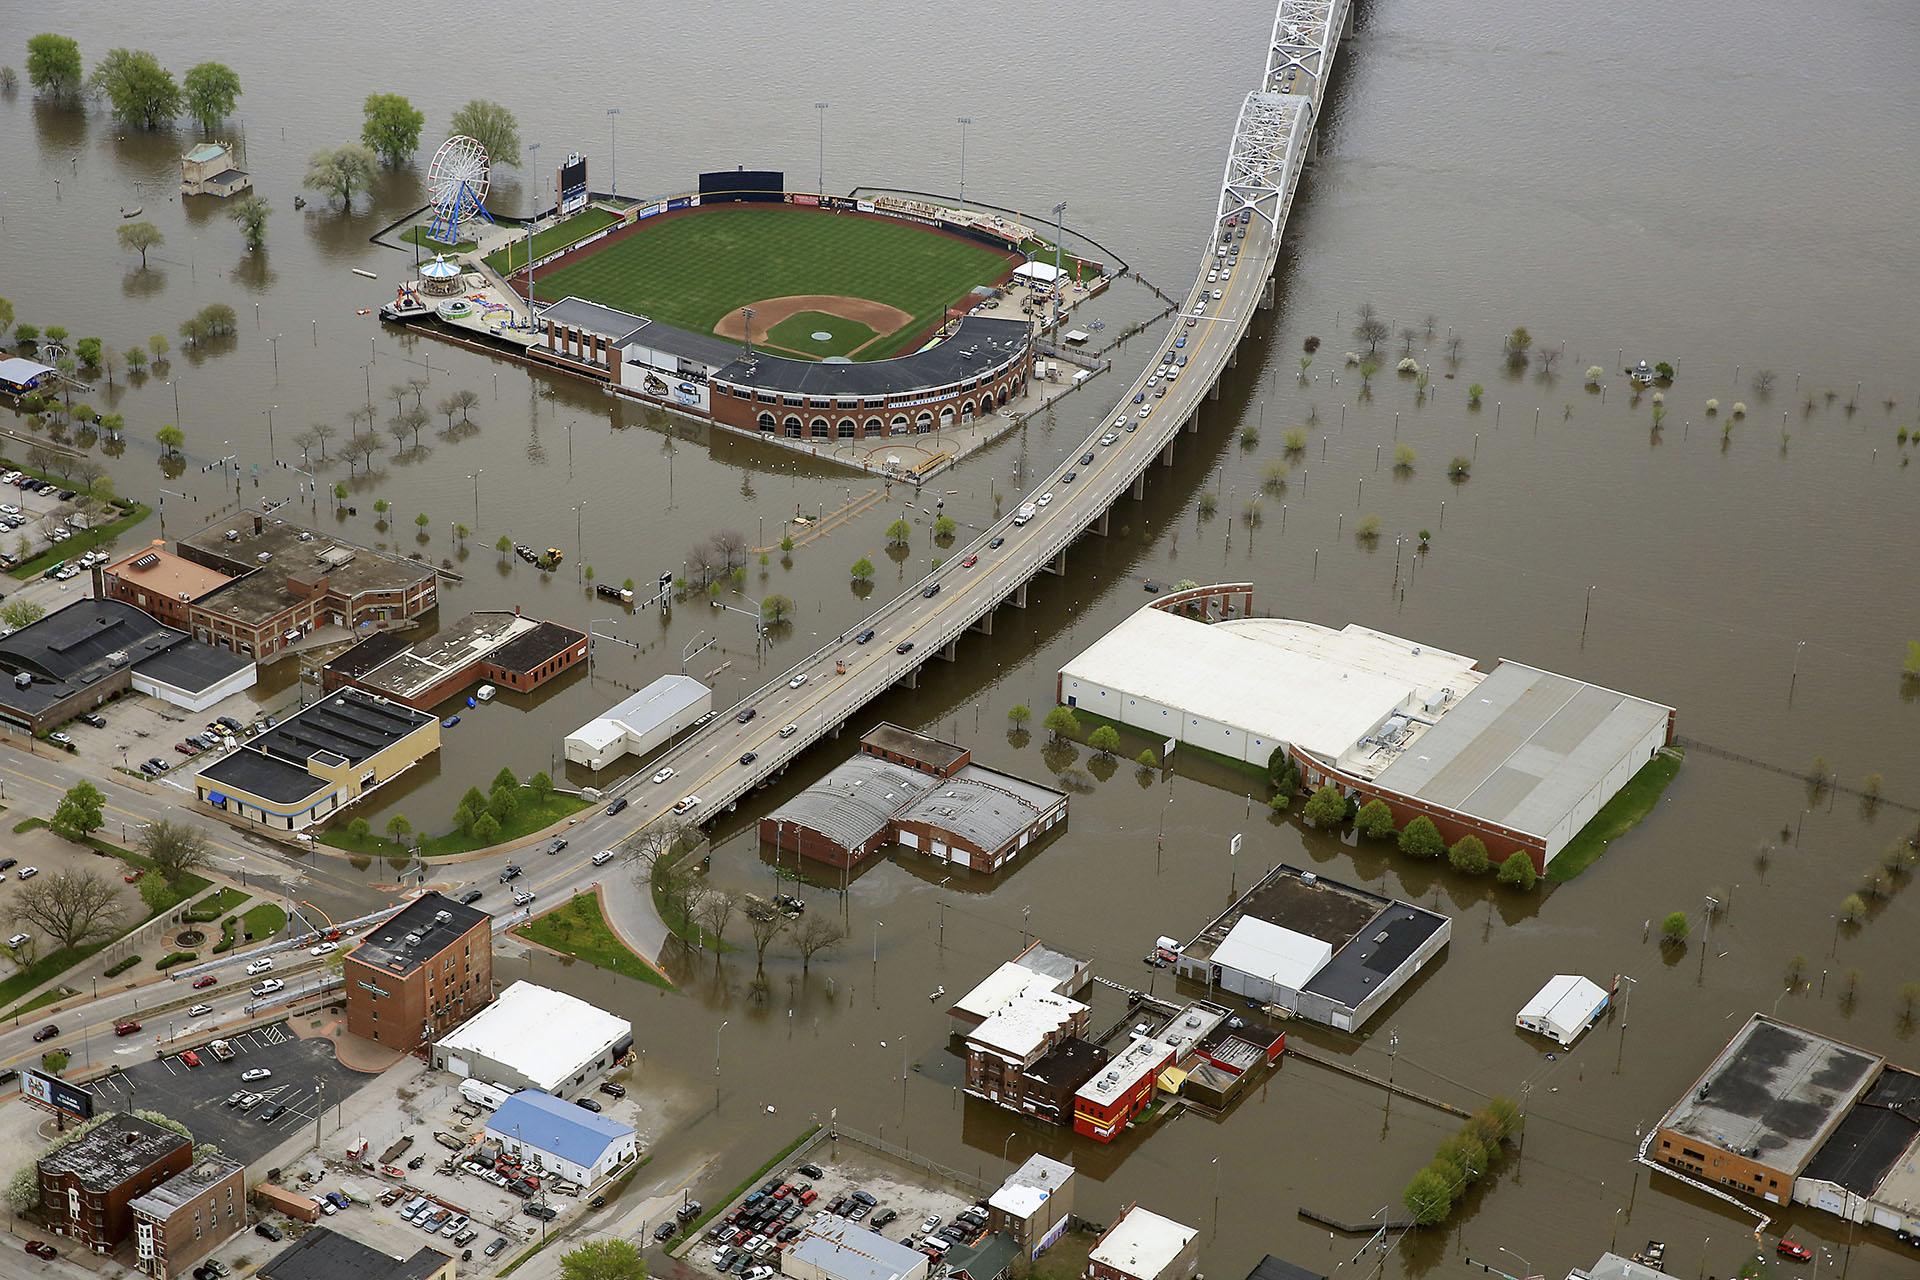 Una foto aérea de Davenport, Iowa, muestra el Modern Woodmen Park, arriba, y el área circundante cubierta por las aguas del río Misisipi, el viernes 3 de mayo de 2019. (AP)